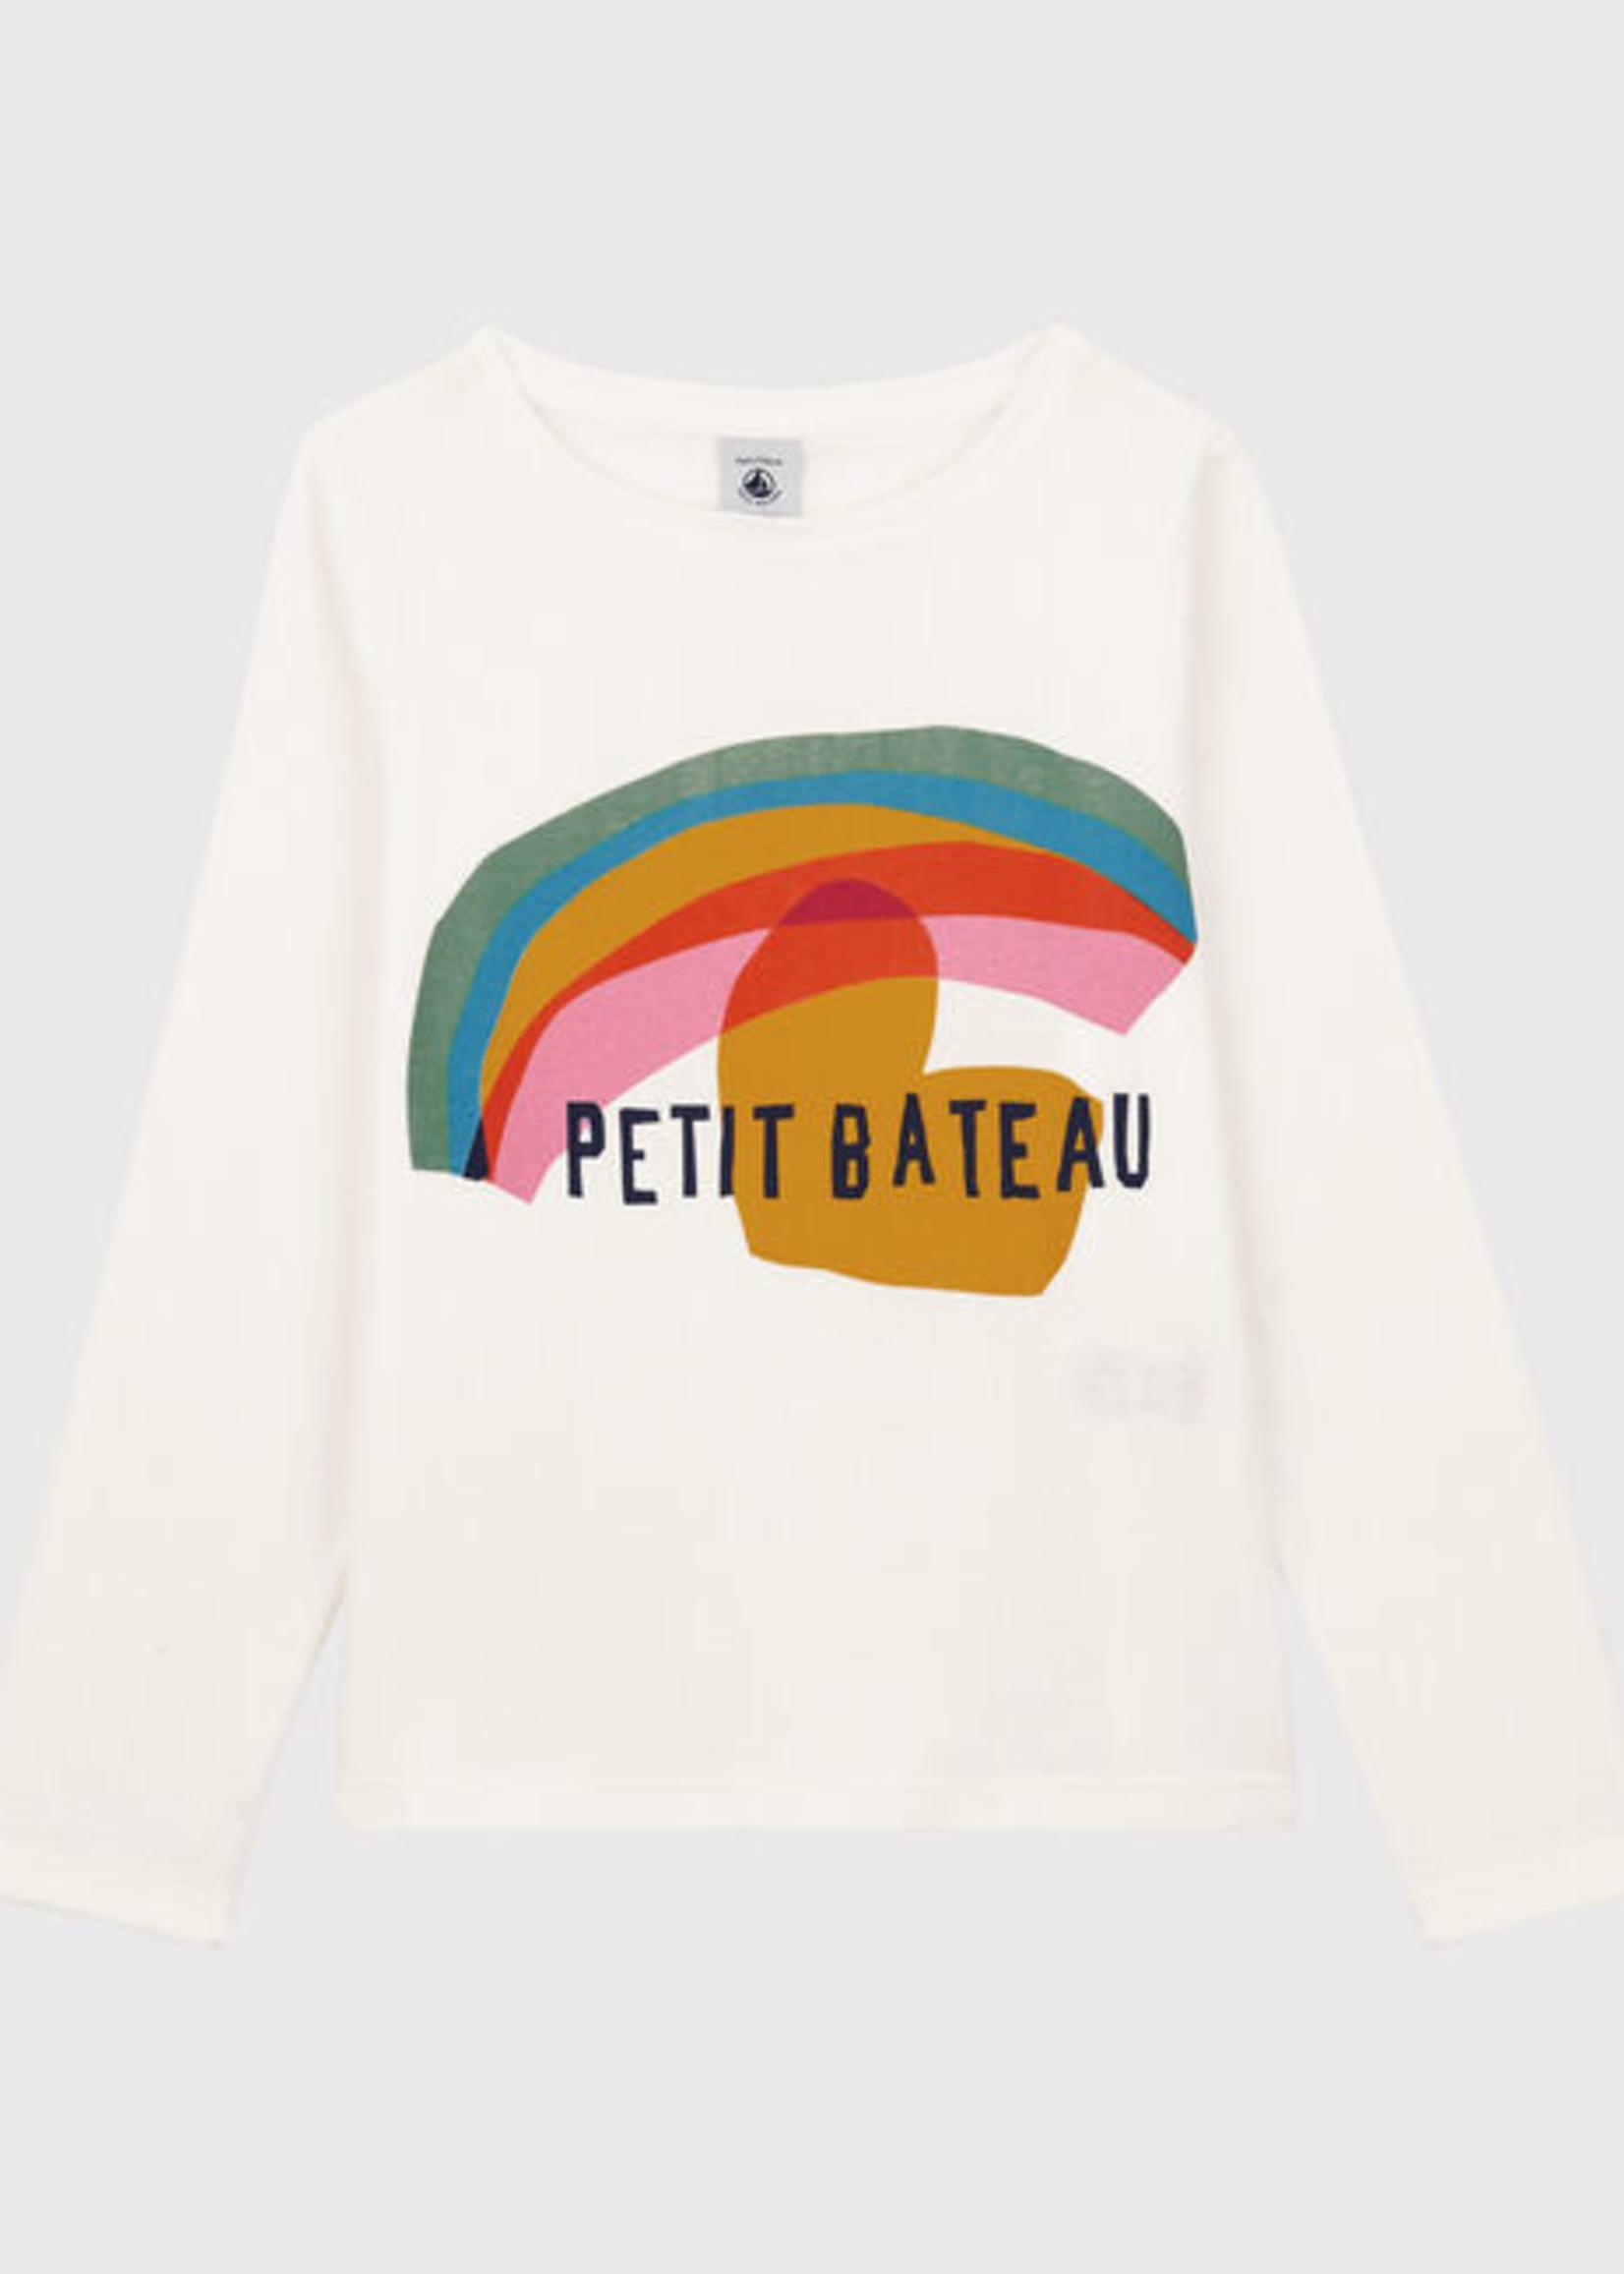 Petit Bateau Petit Bateau-AW21 A01RO02060 TEE